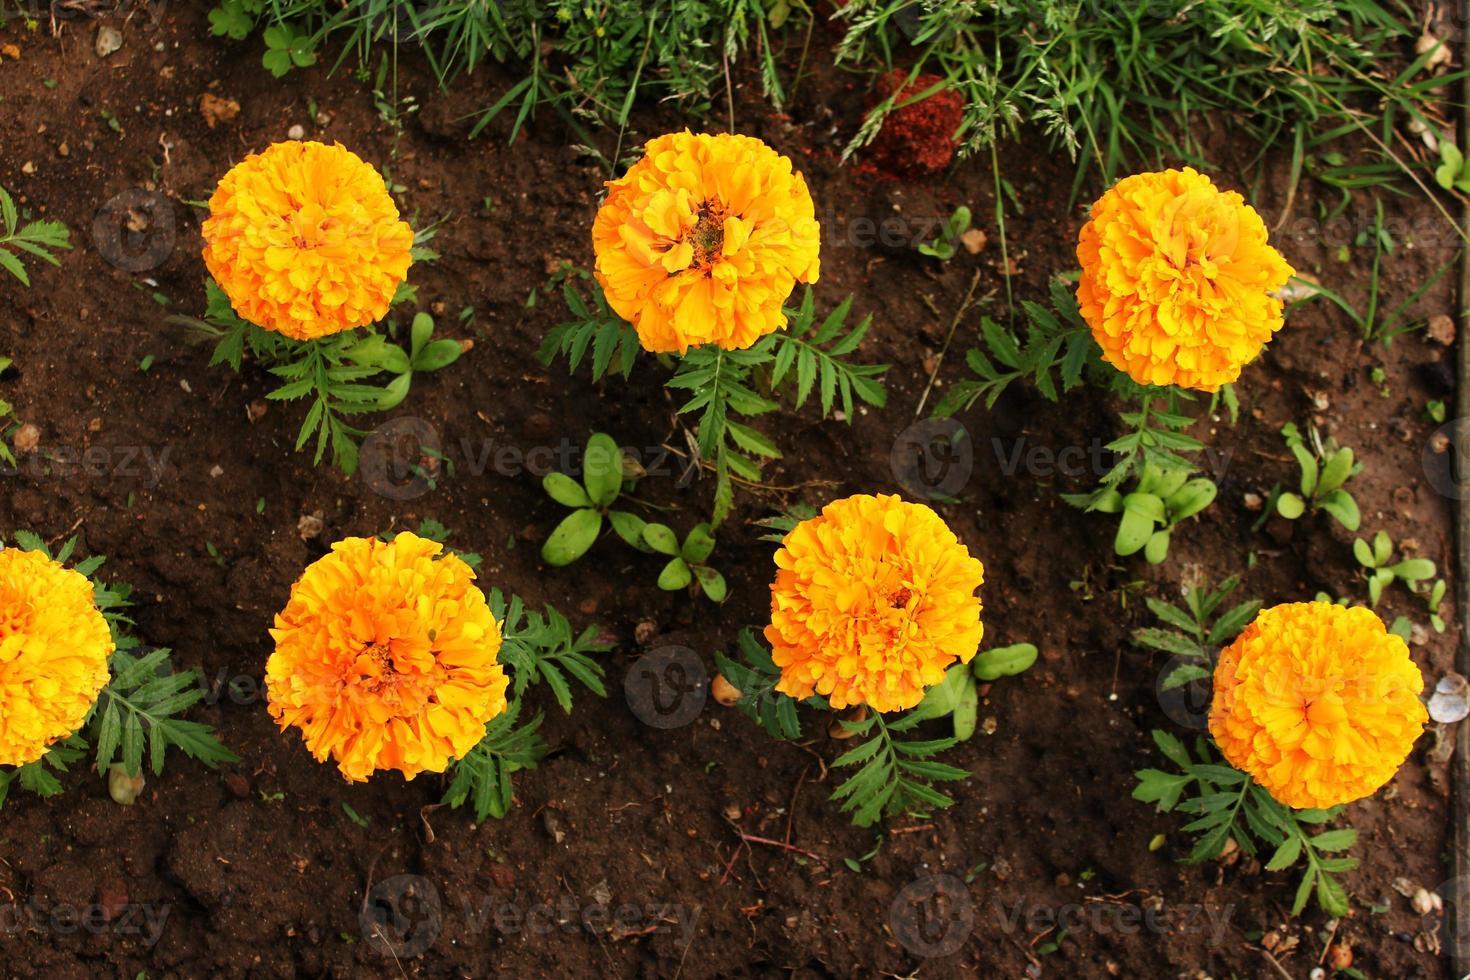 tagetes erecta calendule glade fiori gialli e arancioni che sbocciano e boccioli che crescono in aiuola. fiori d'arancio nel terreno, vista dall'alto foto